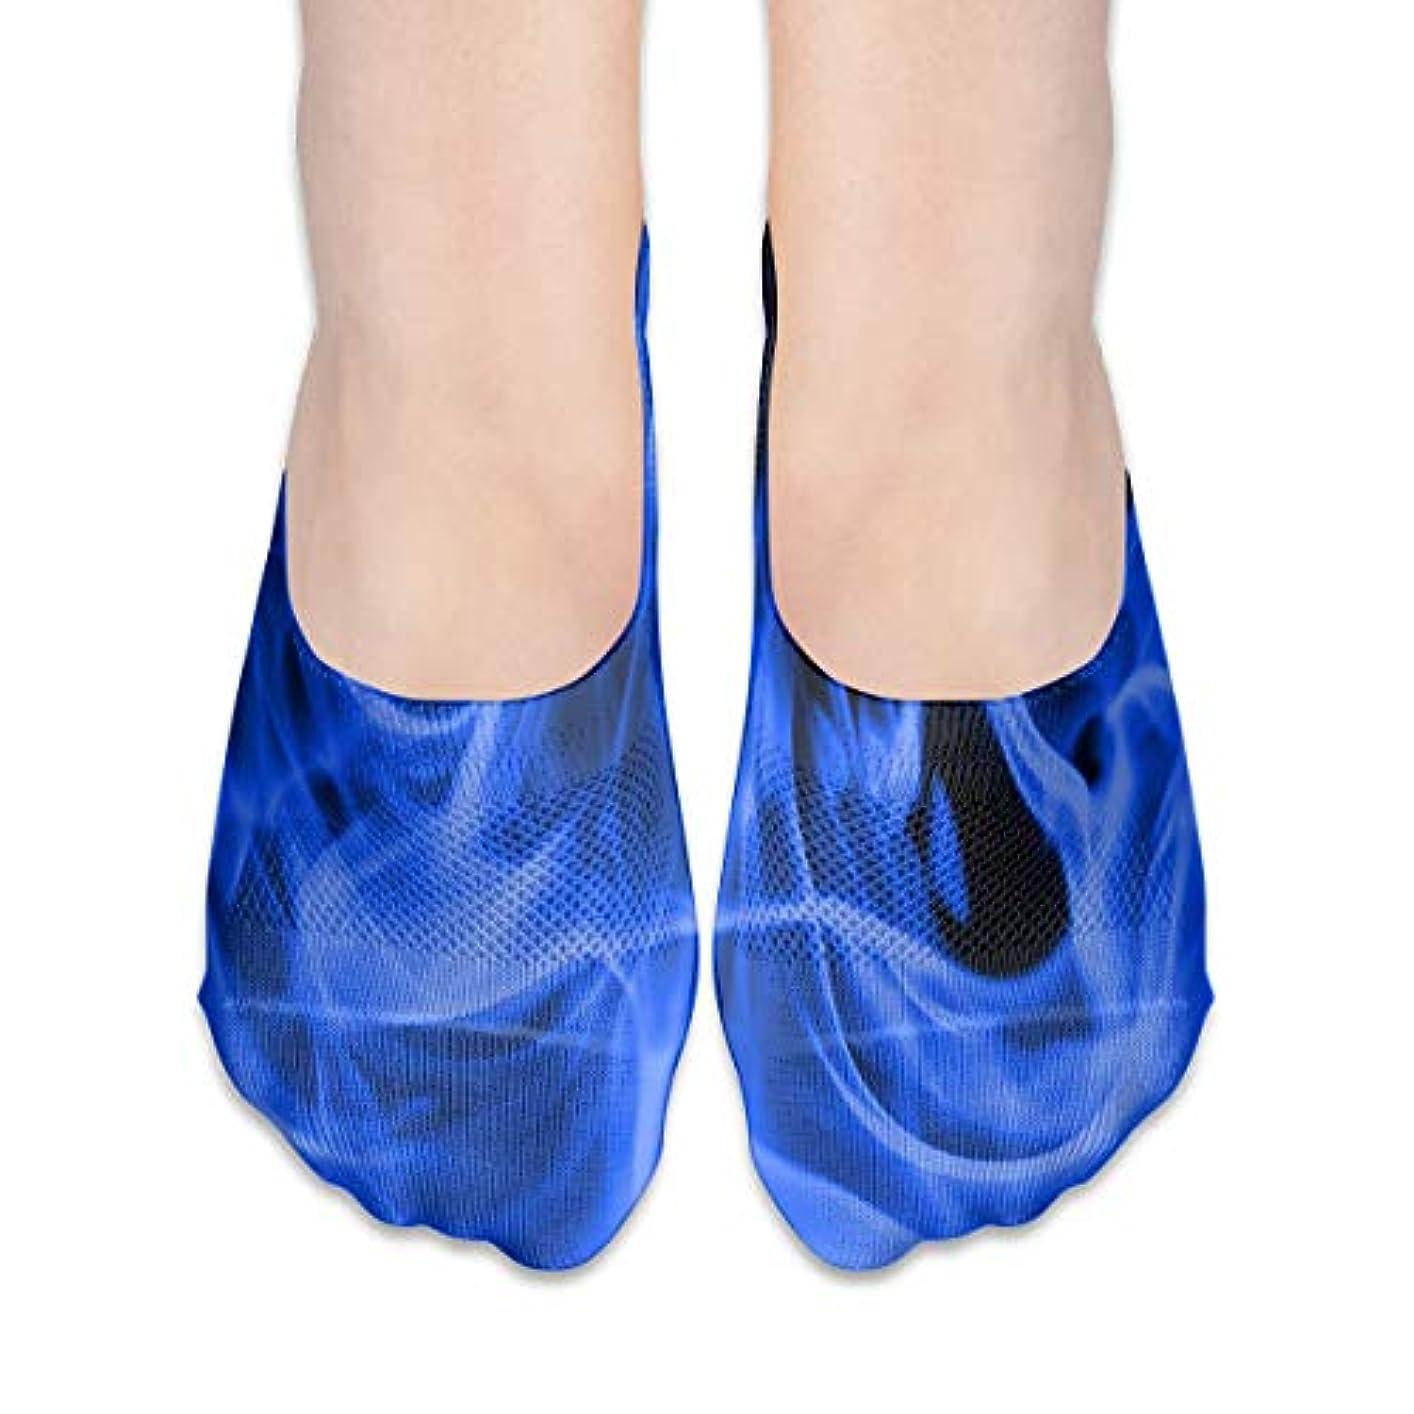 ファンブルエゴマニア政策青い炎はショーソックスの女性のボートの靴のローファーのソックス、滑り止めのグリップを示しません